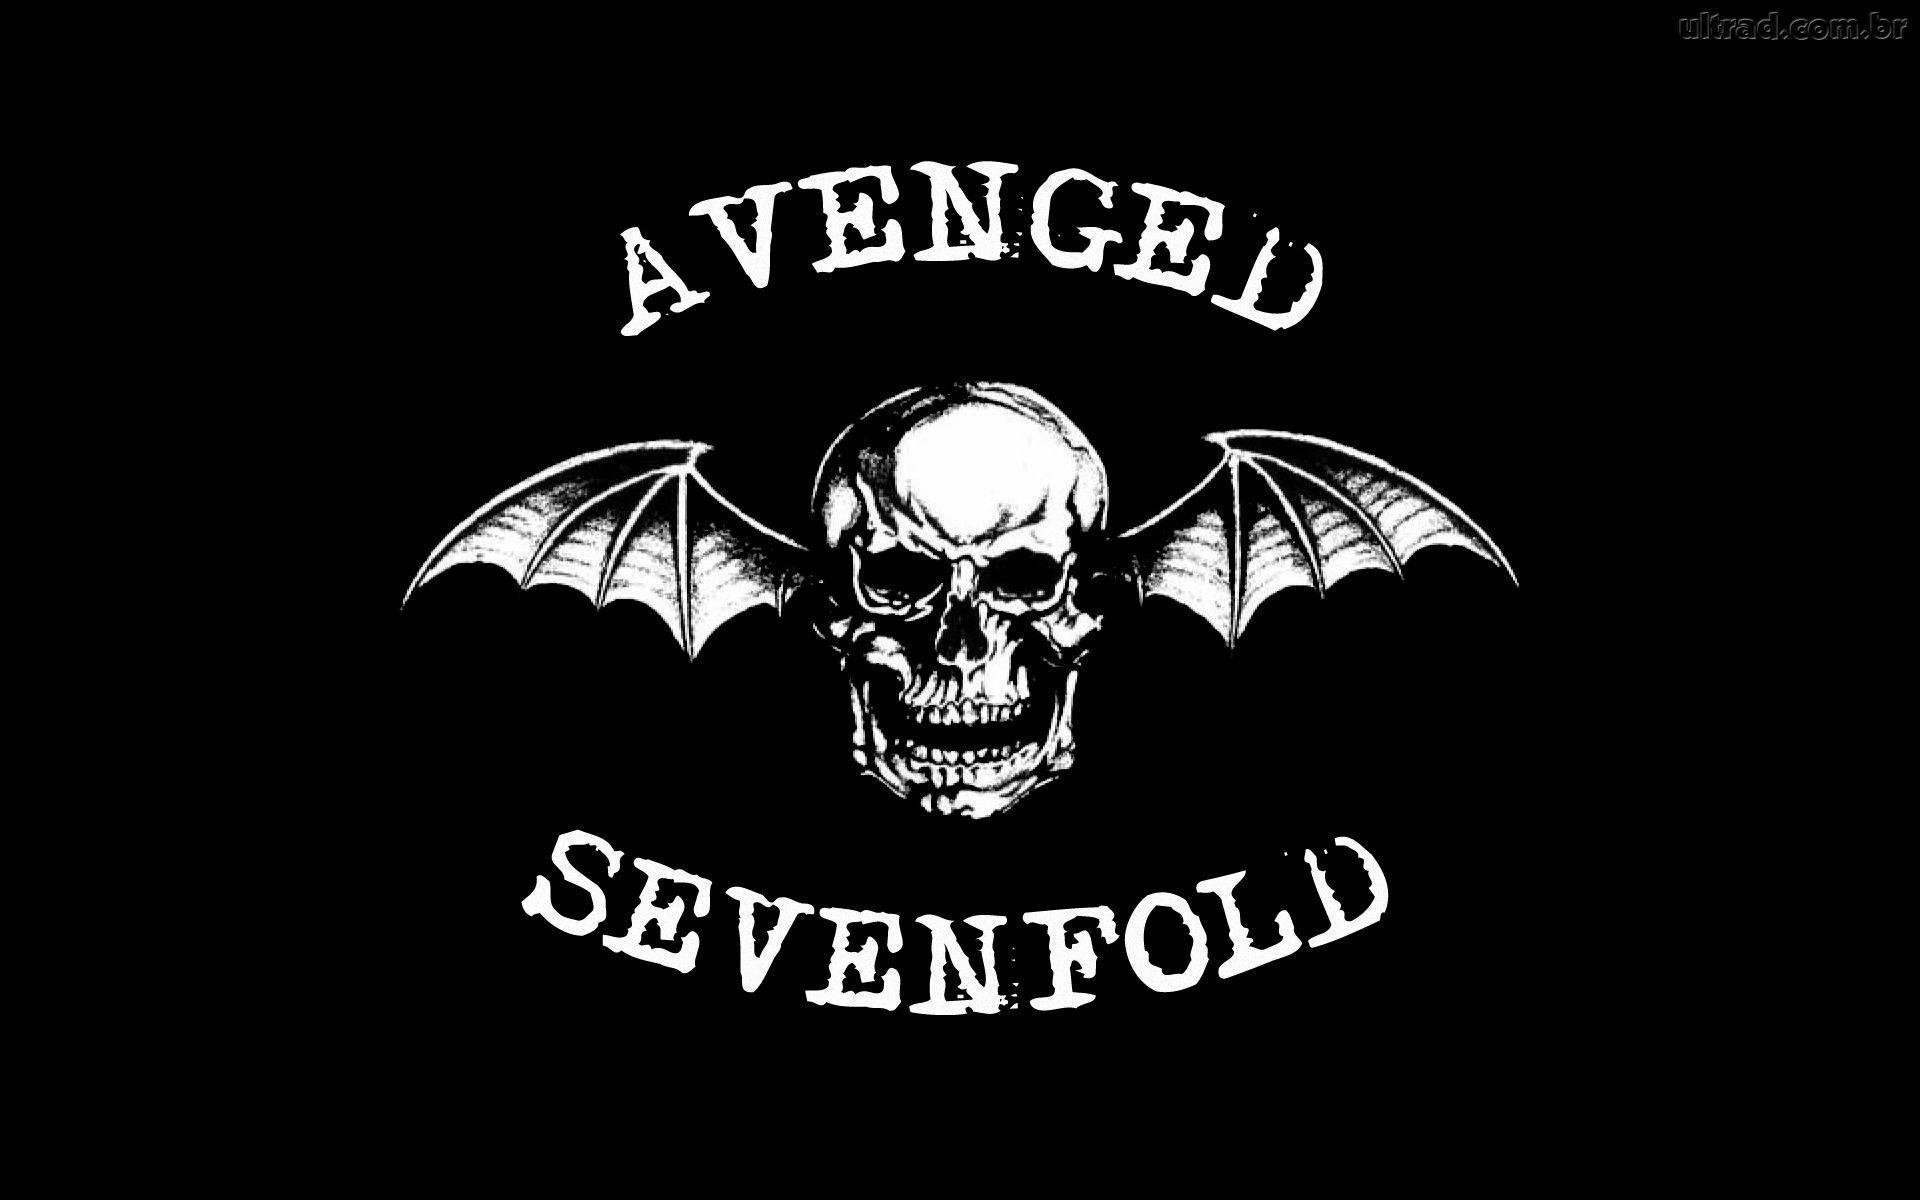 Avenged sevenfold a7x logo best hd wallpaper wawpaper things to avenged sevenfold a7x logo best hd wallpaper wawpaper voltagebd Images